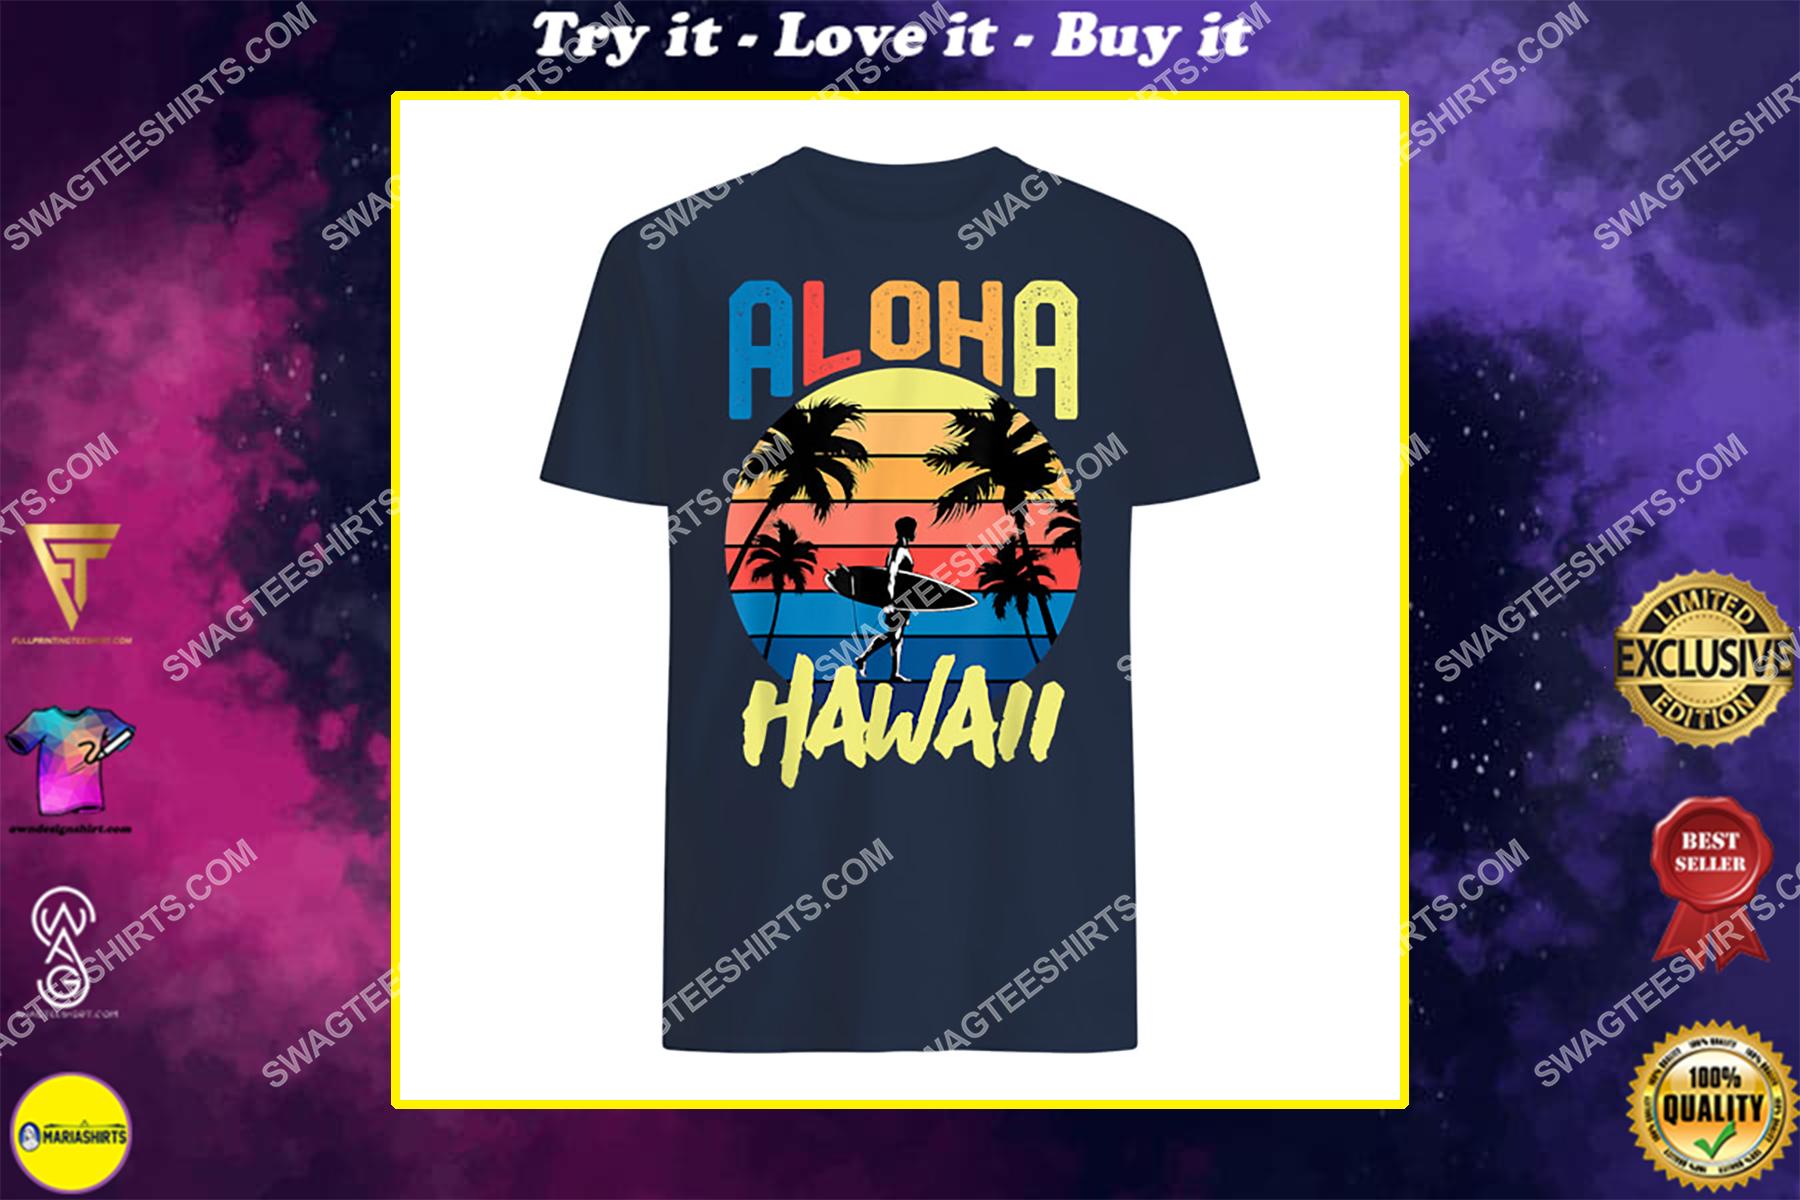 aloha hawaii hawaiian island retro vintage 1980s surf shirt